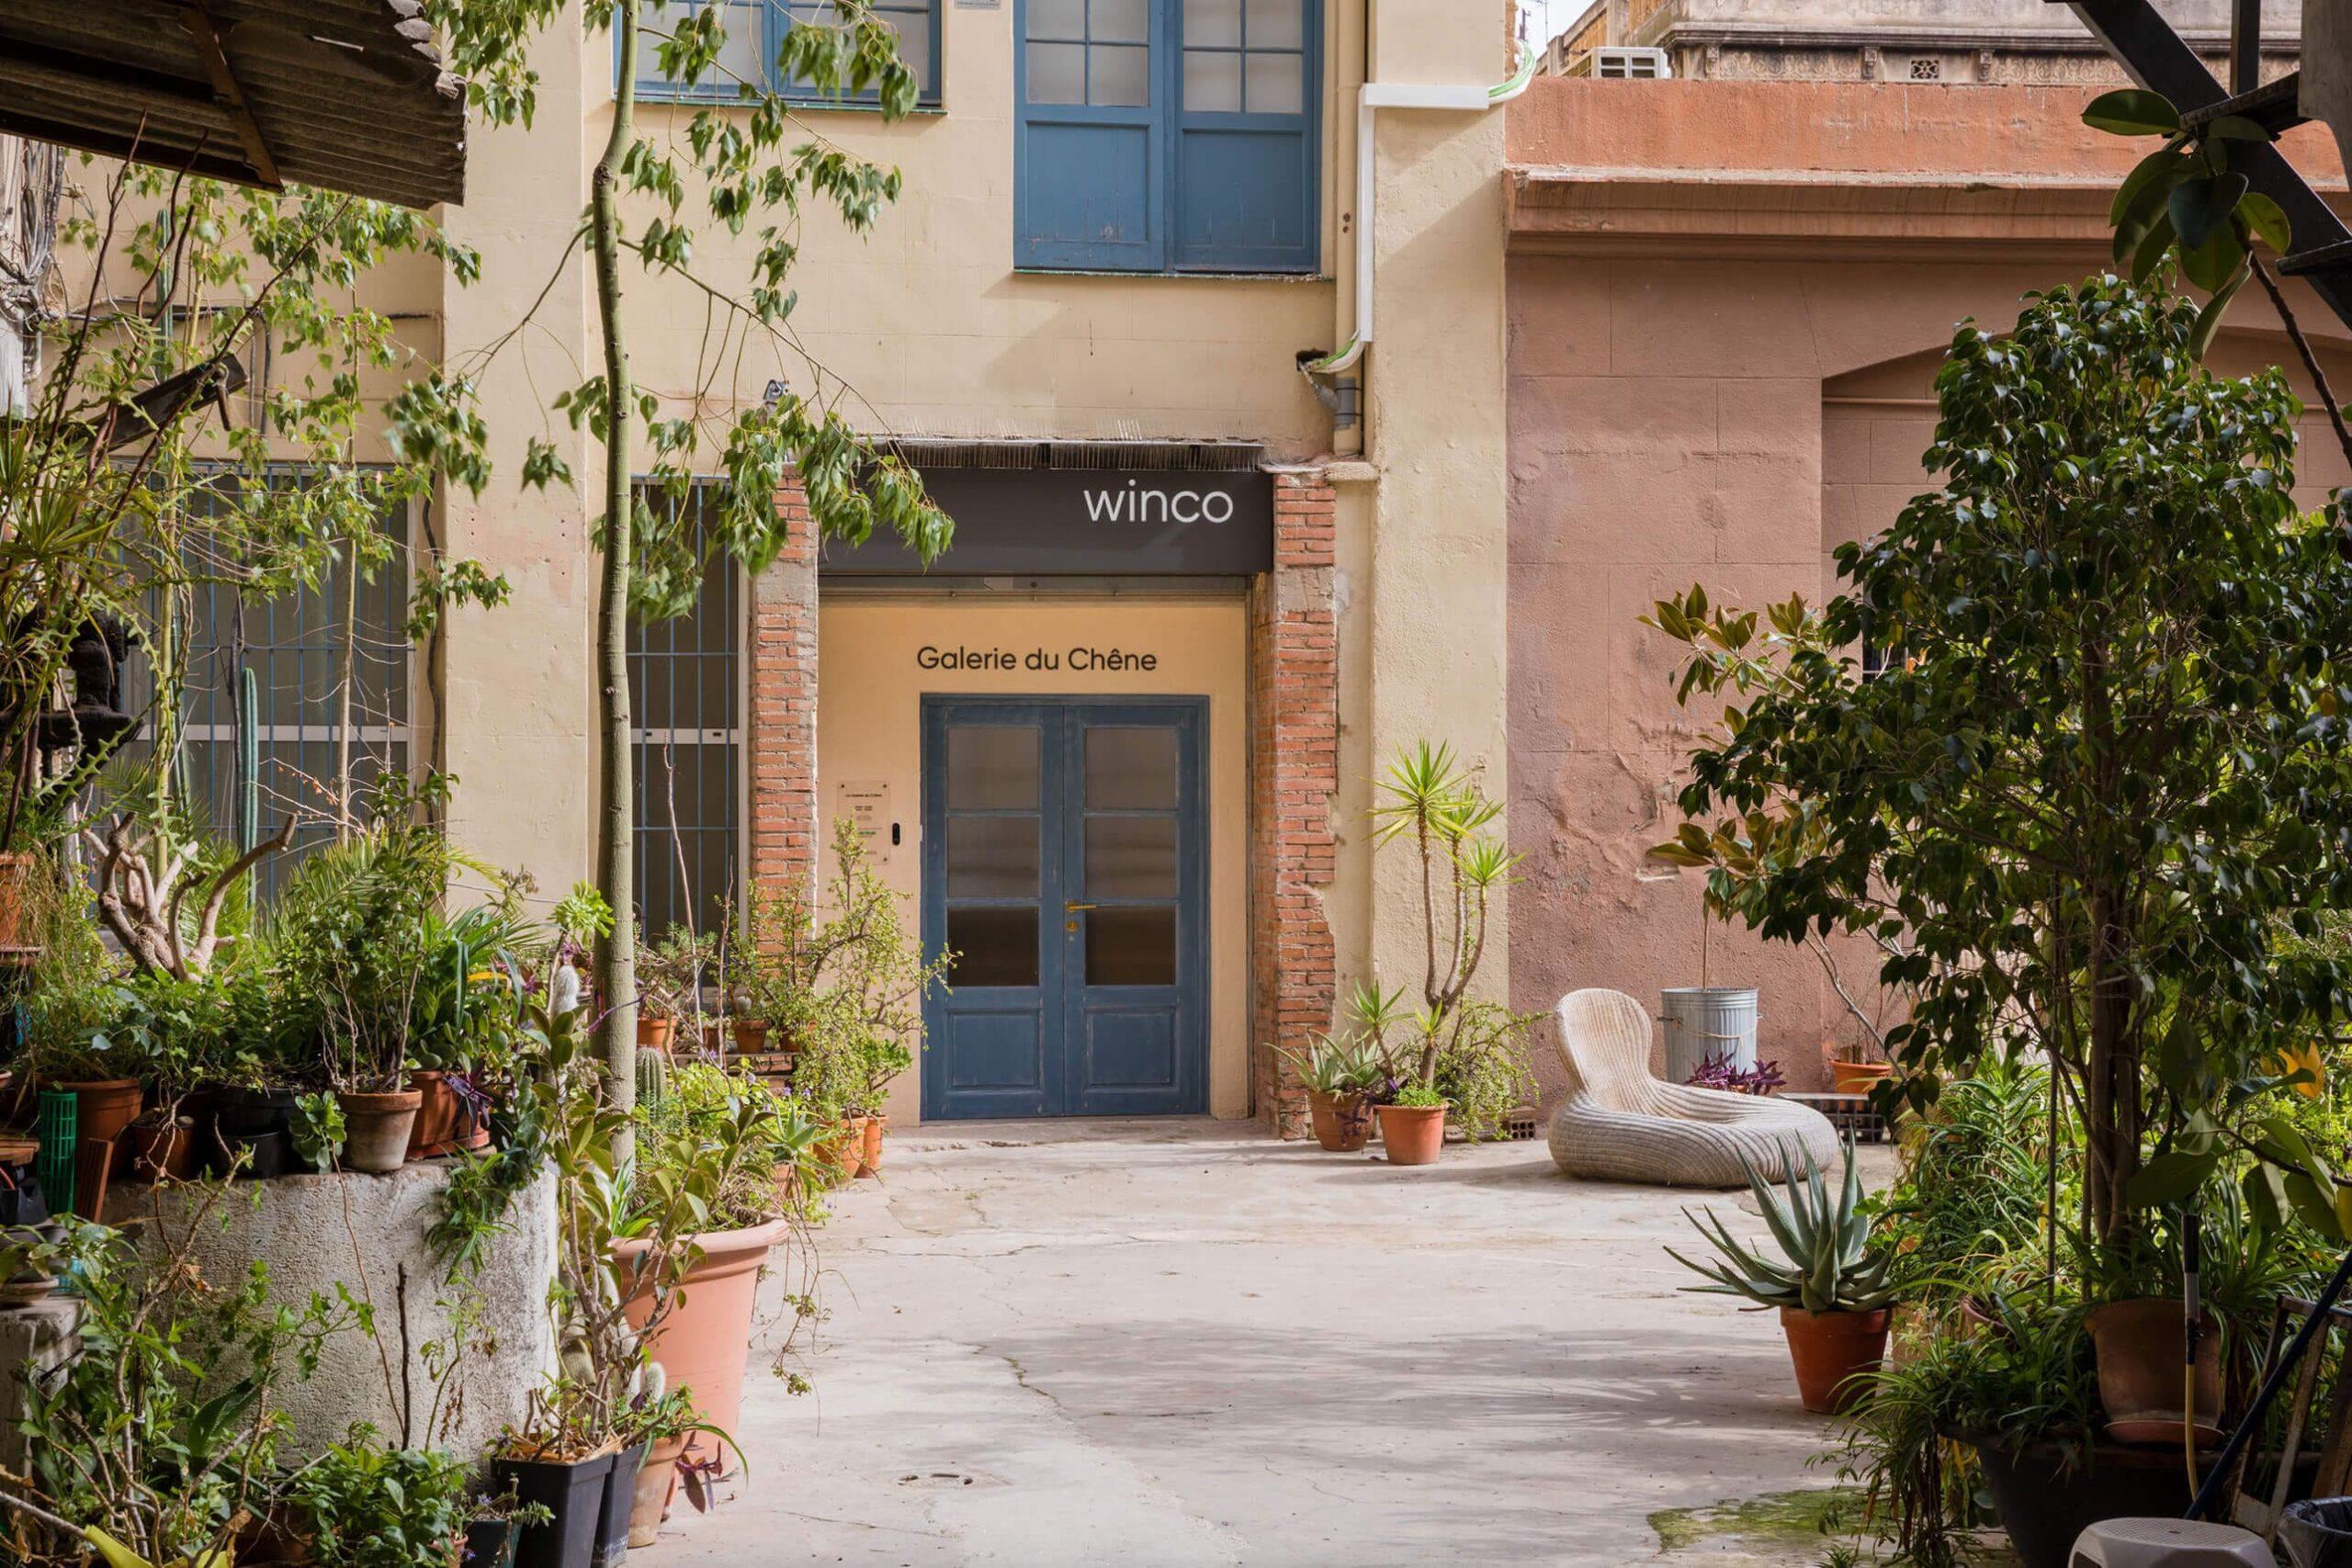 Vista exterior entrada showroom WINco